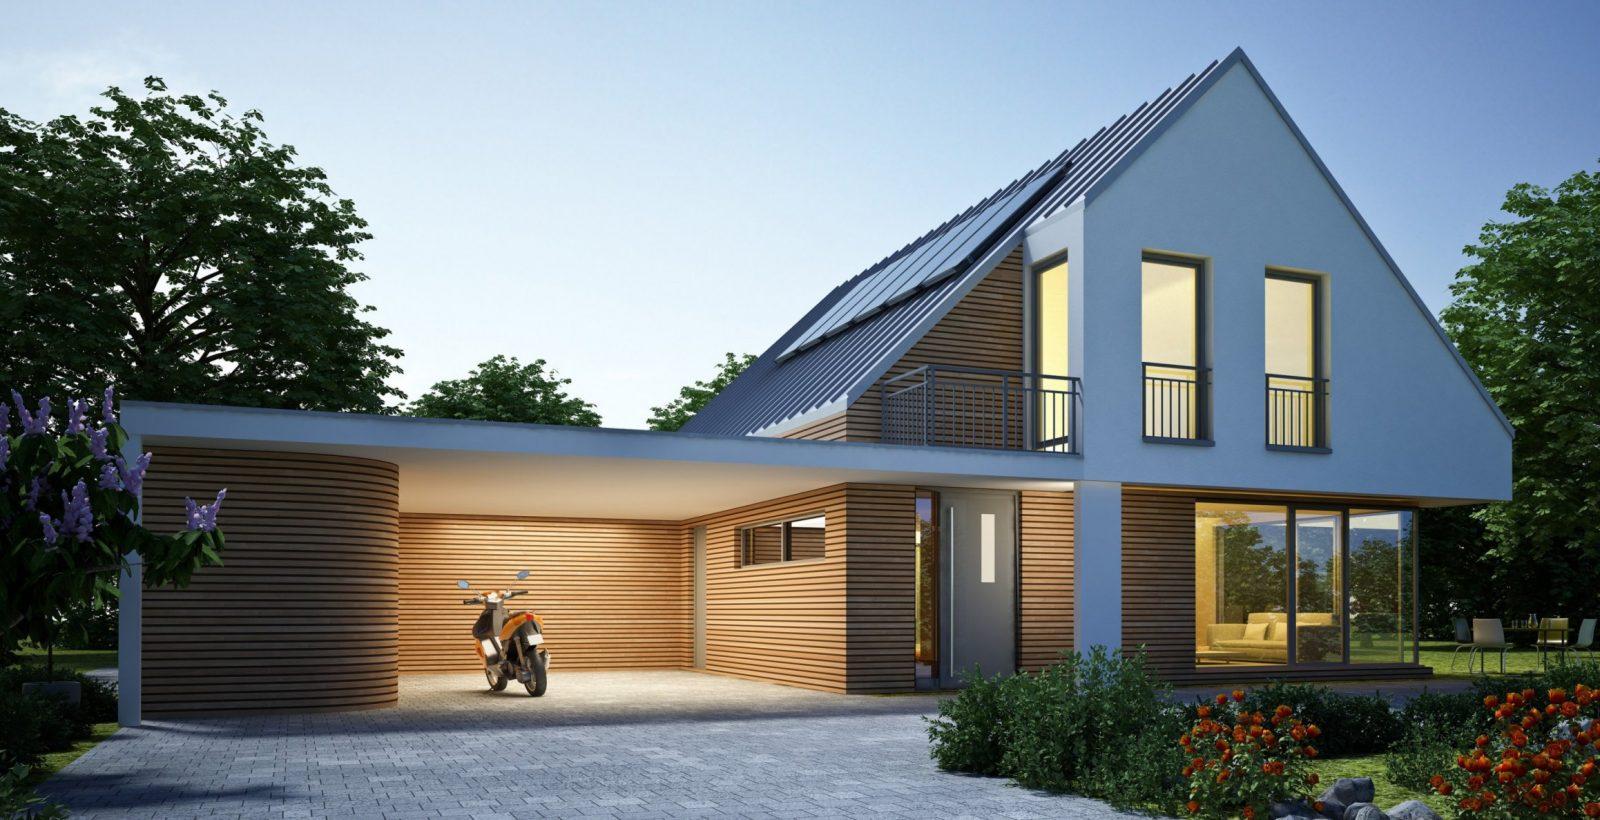 41 Charmant Carport Am Haus Bilder  Ideen Zu Hause Design von Carport Am Haus Modern Photo